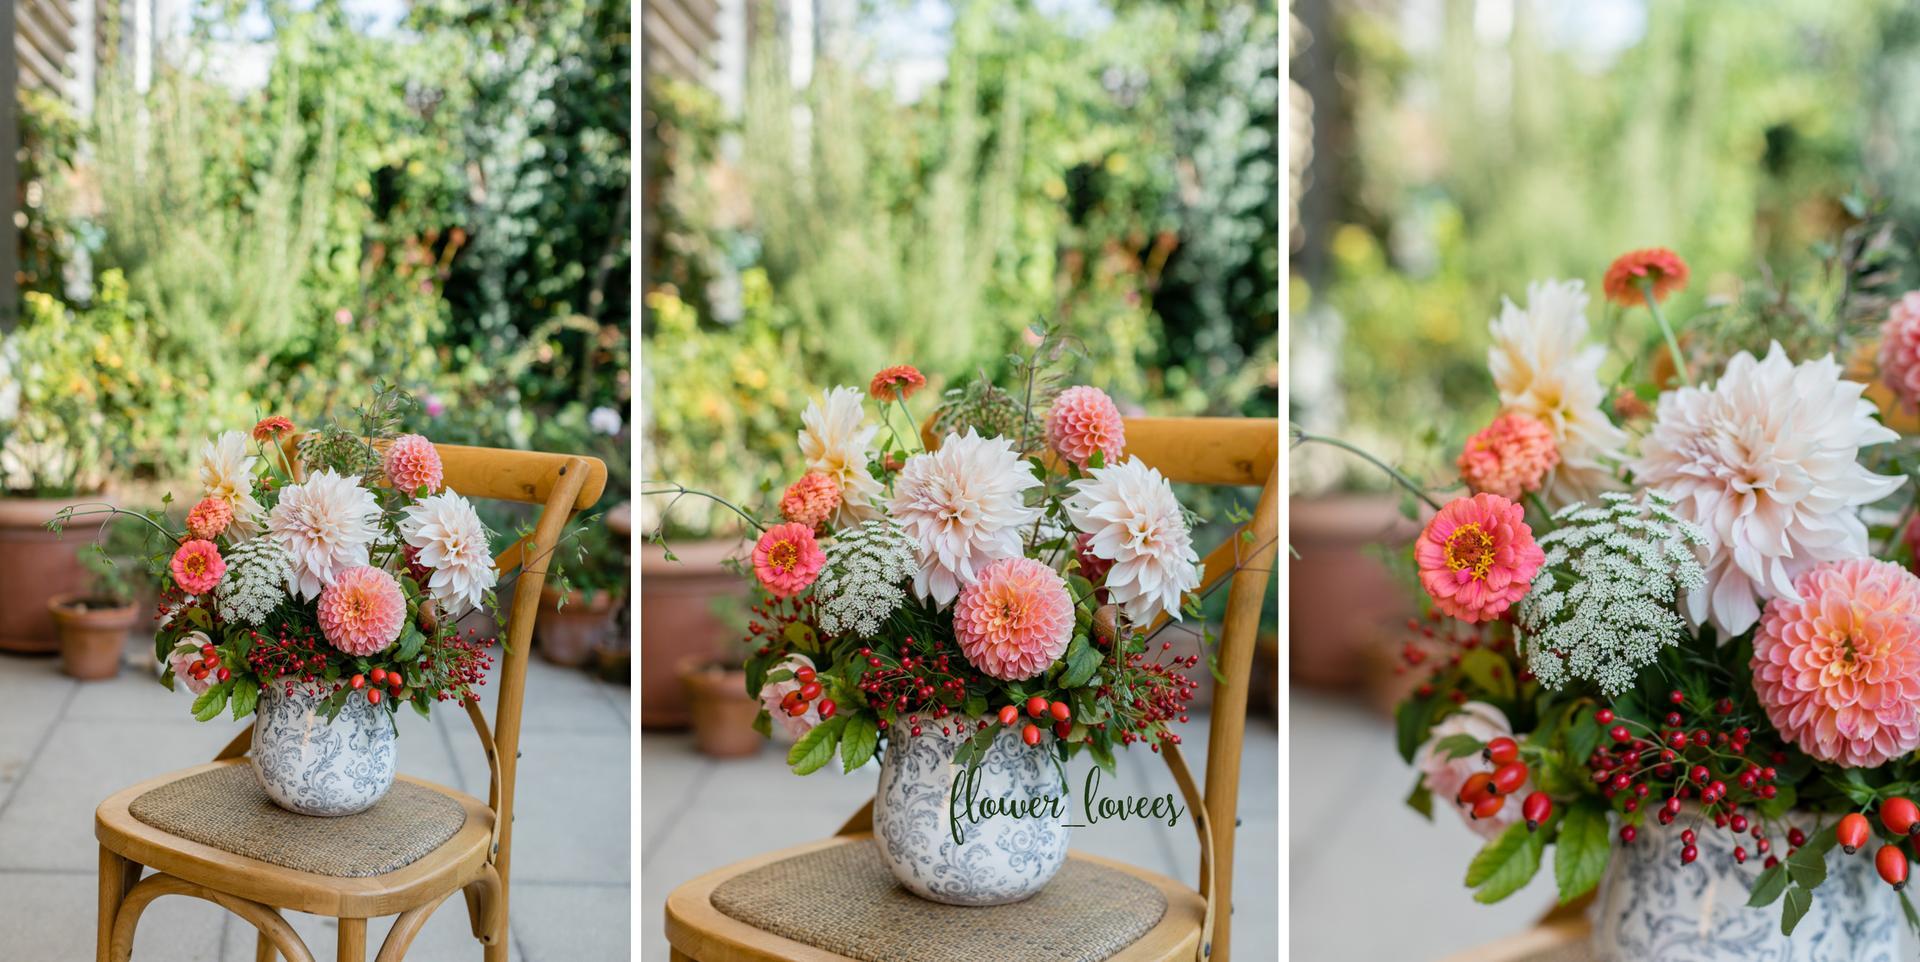 Kvetove dekoracie - Obrázok č. 10